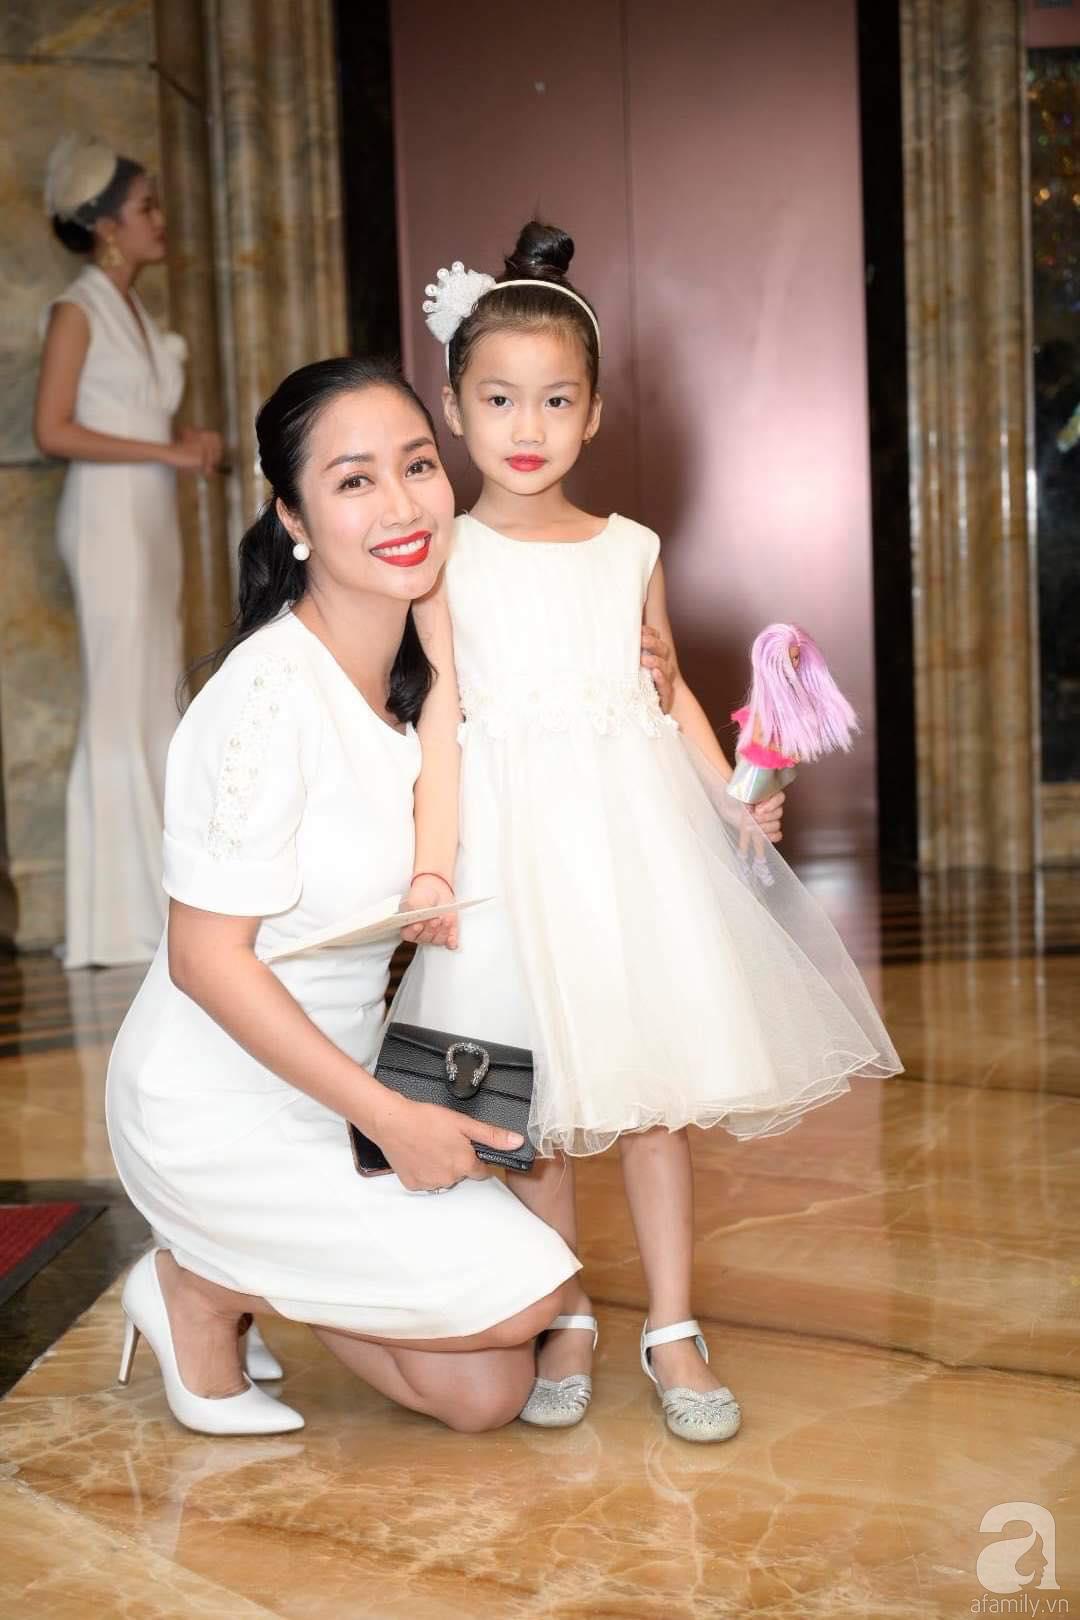 Trấn Thành - Hari Won, Ninh Dương Lan Ngọc cùng loạt sao Việt đến sự đám cưới đạo diễn Cua lại vợ bầu - Ảnh 8.